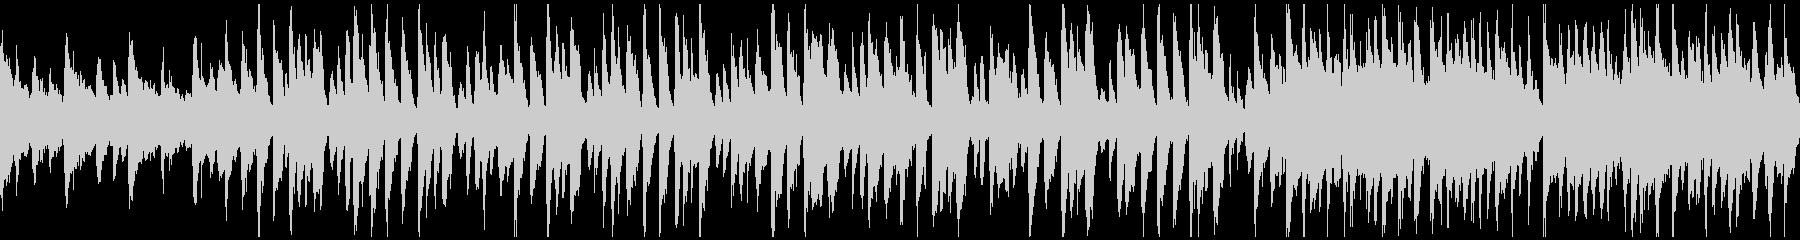 ウクレレ、夕暮れ、ハワイ ※ループ仕様版の未再生の波形